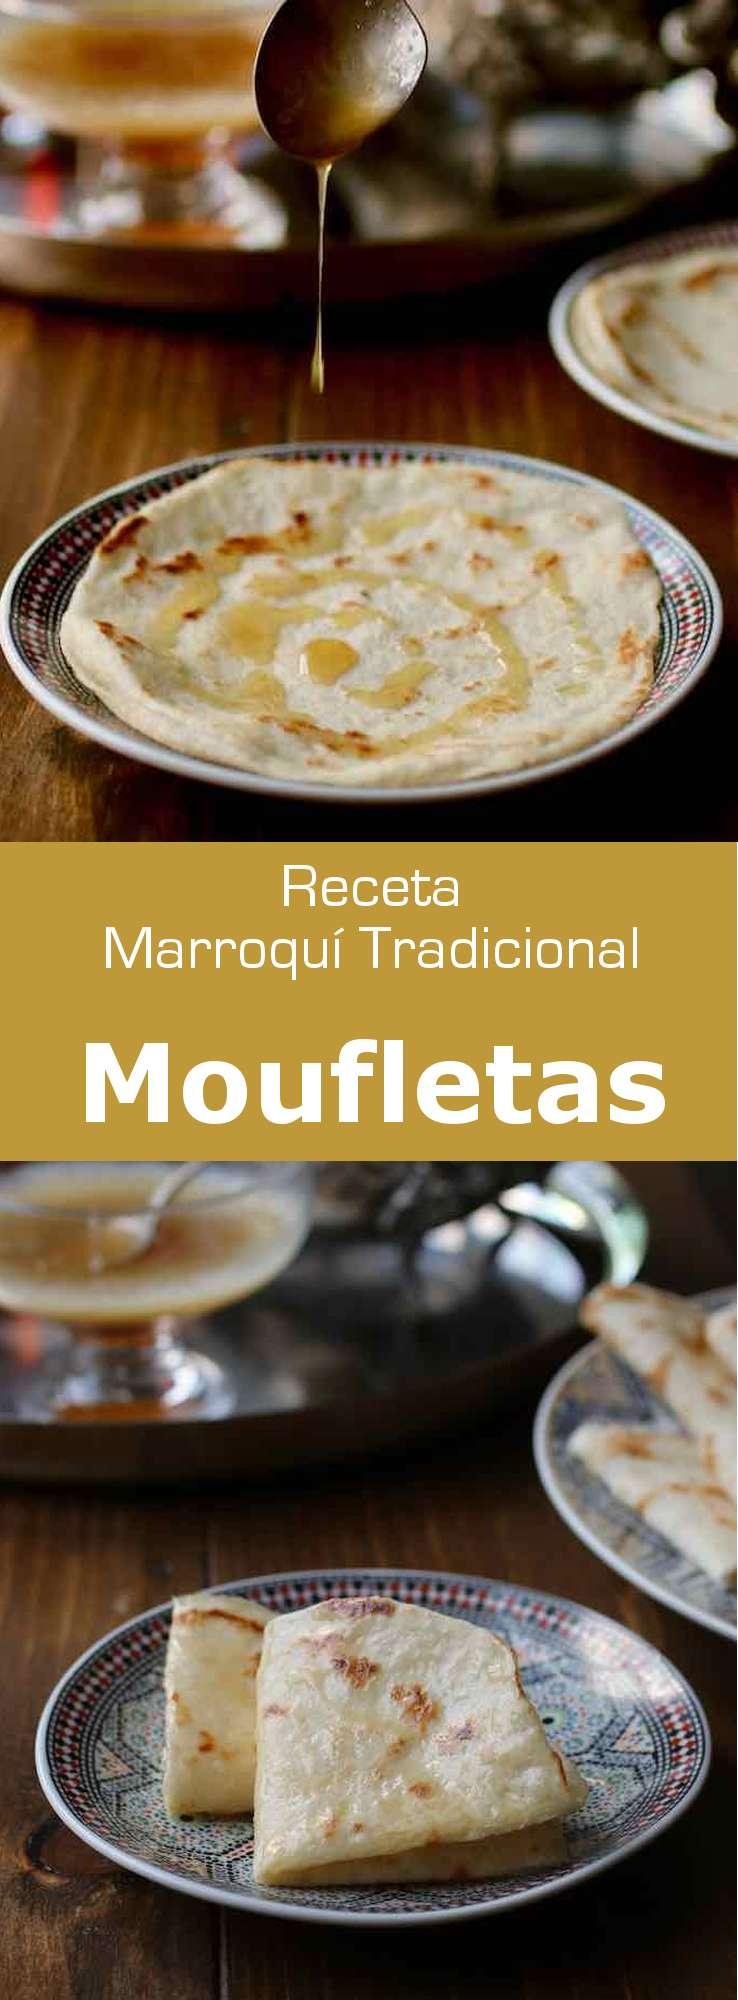 La mofletta es una crepe judía marroquí que se preparar tradicionalmente durante la celebración de la Mimouna, al final de la Pascua.